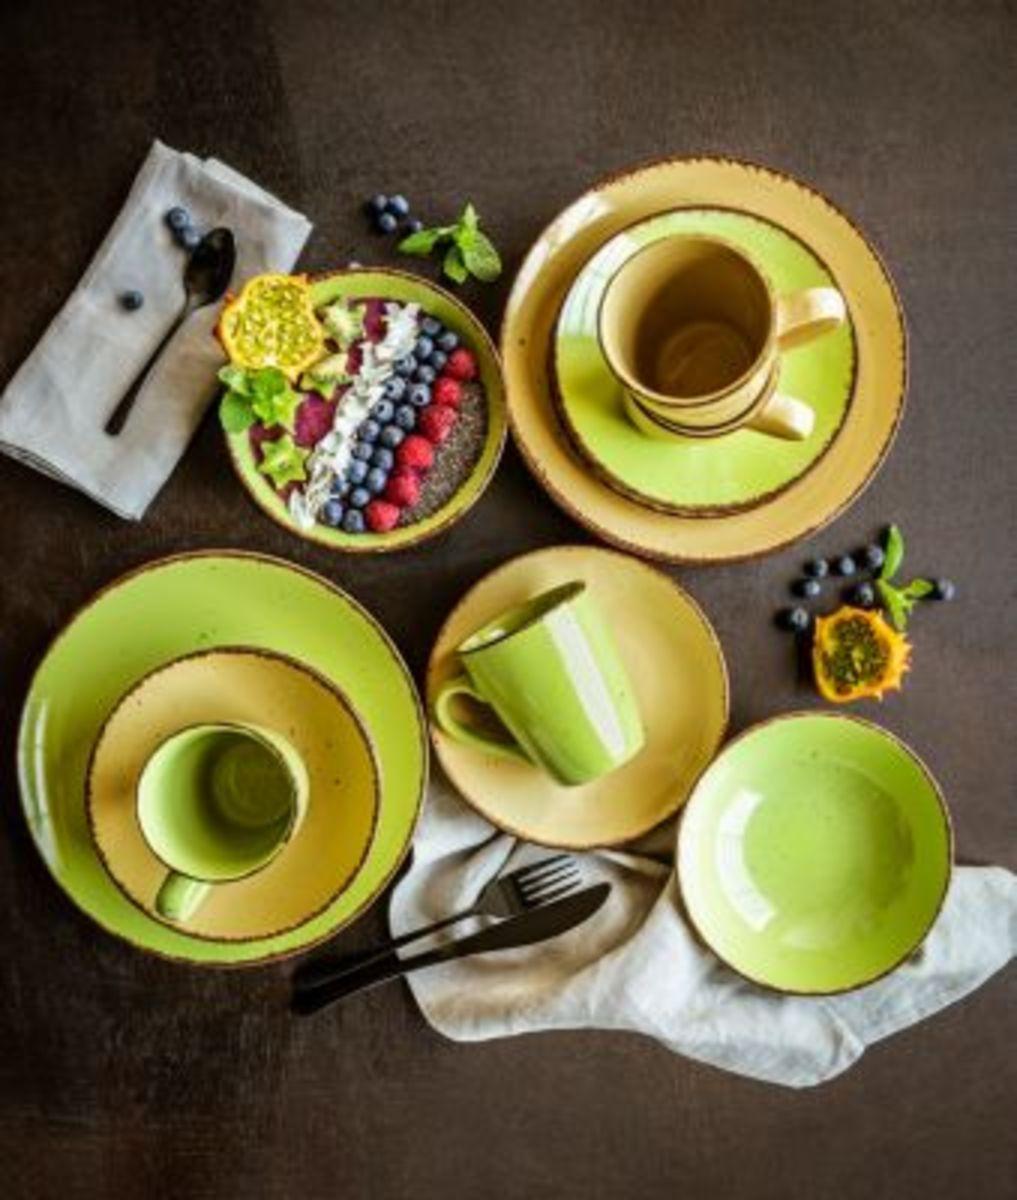 Bild 2 von Kaffee- und Tafelservice Puro, grün 16tlg.